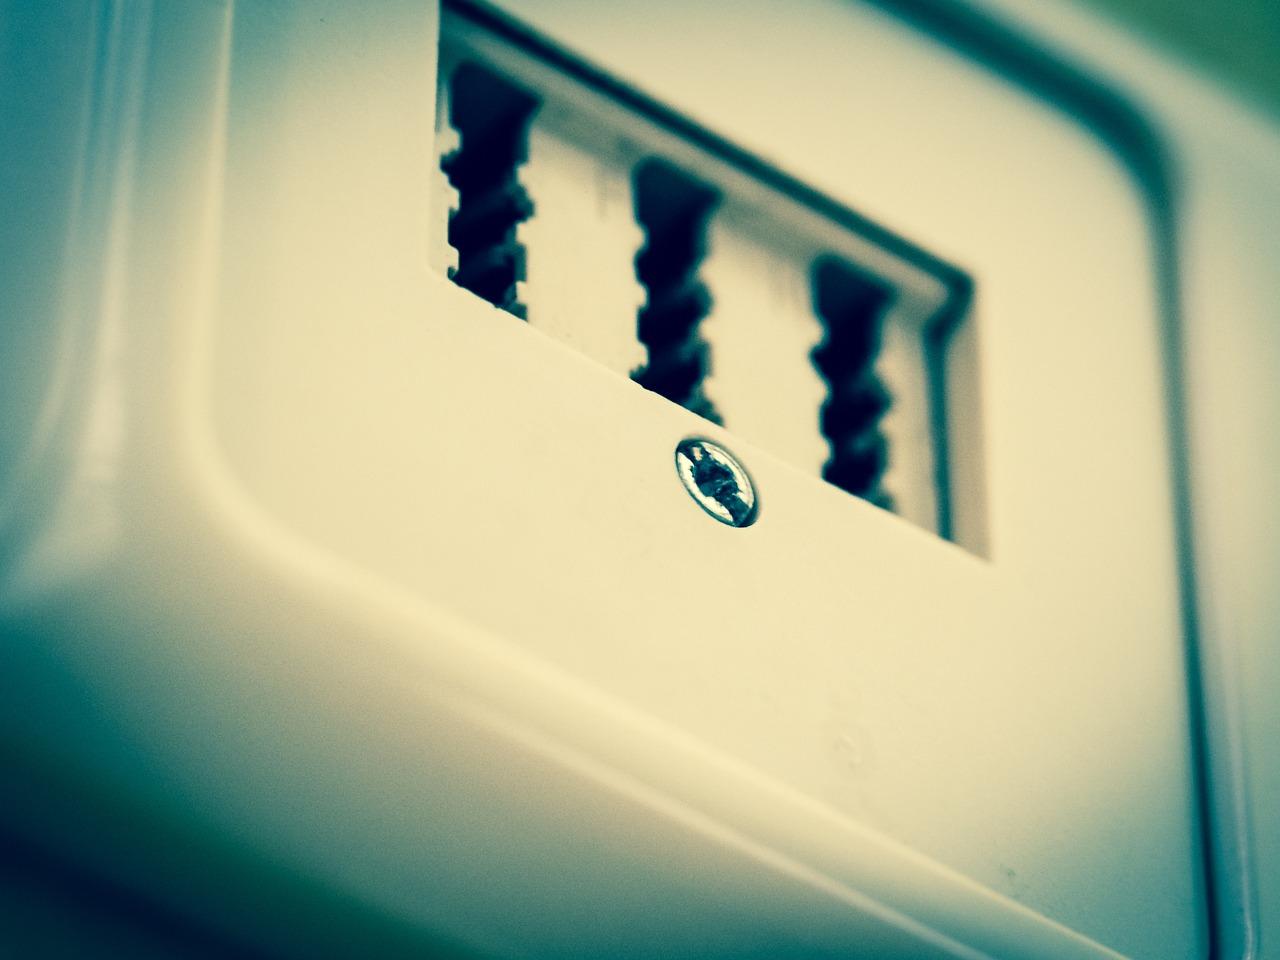 Das Ende von ISDN – ein guter Zeitpunkt zum Wechseln! - Featured Image